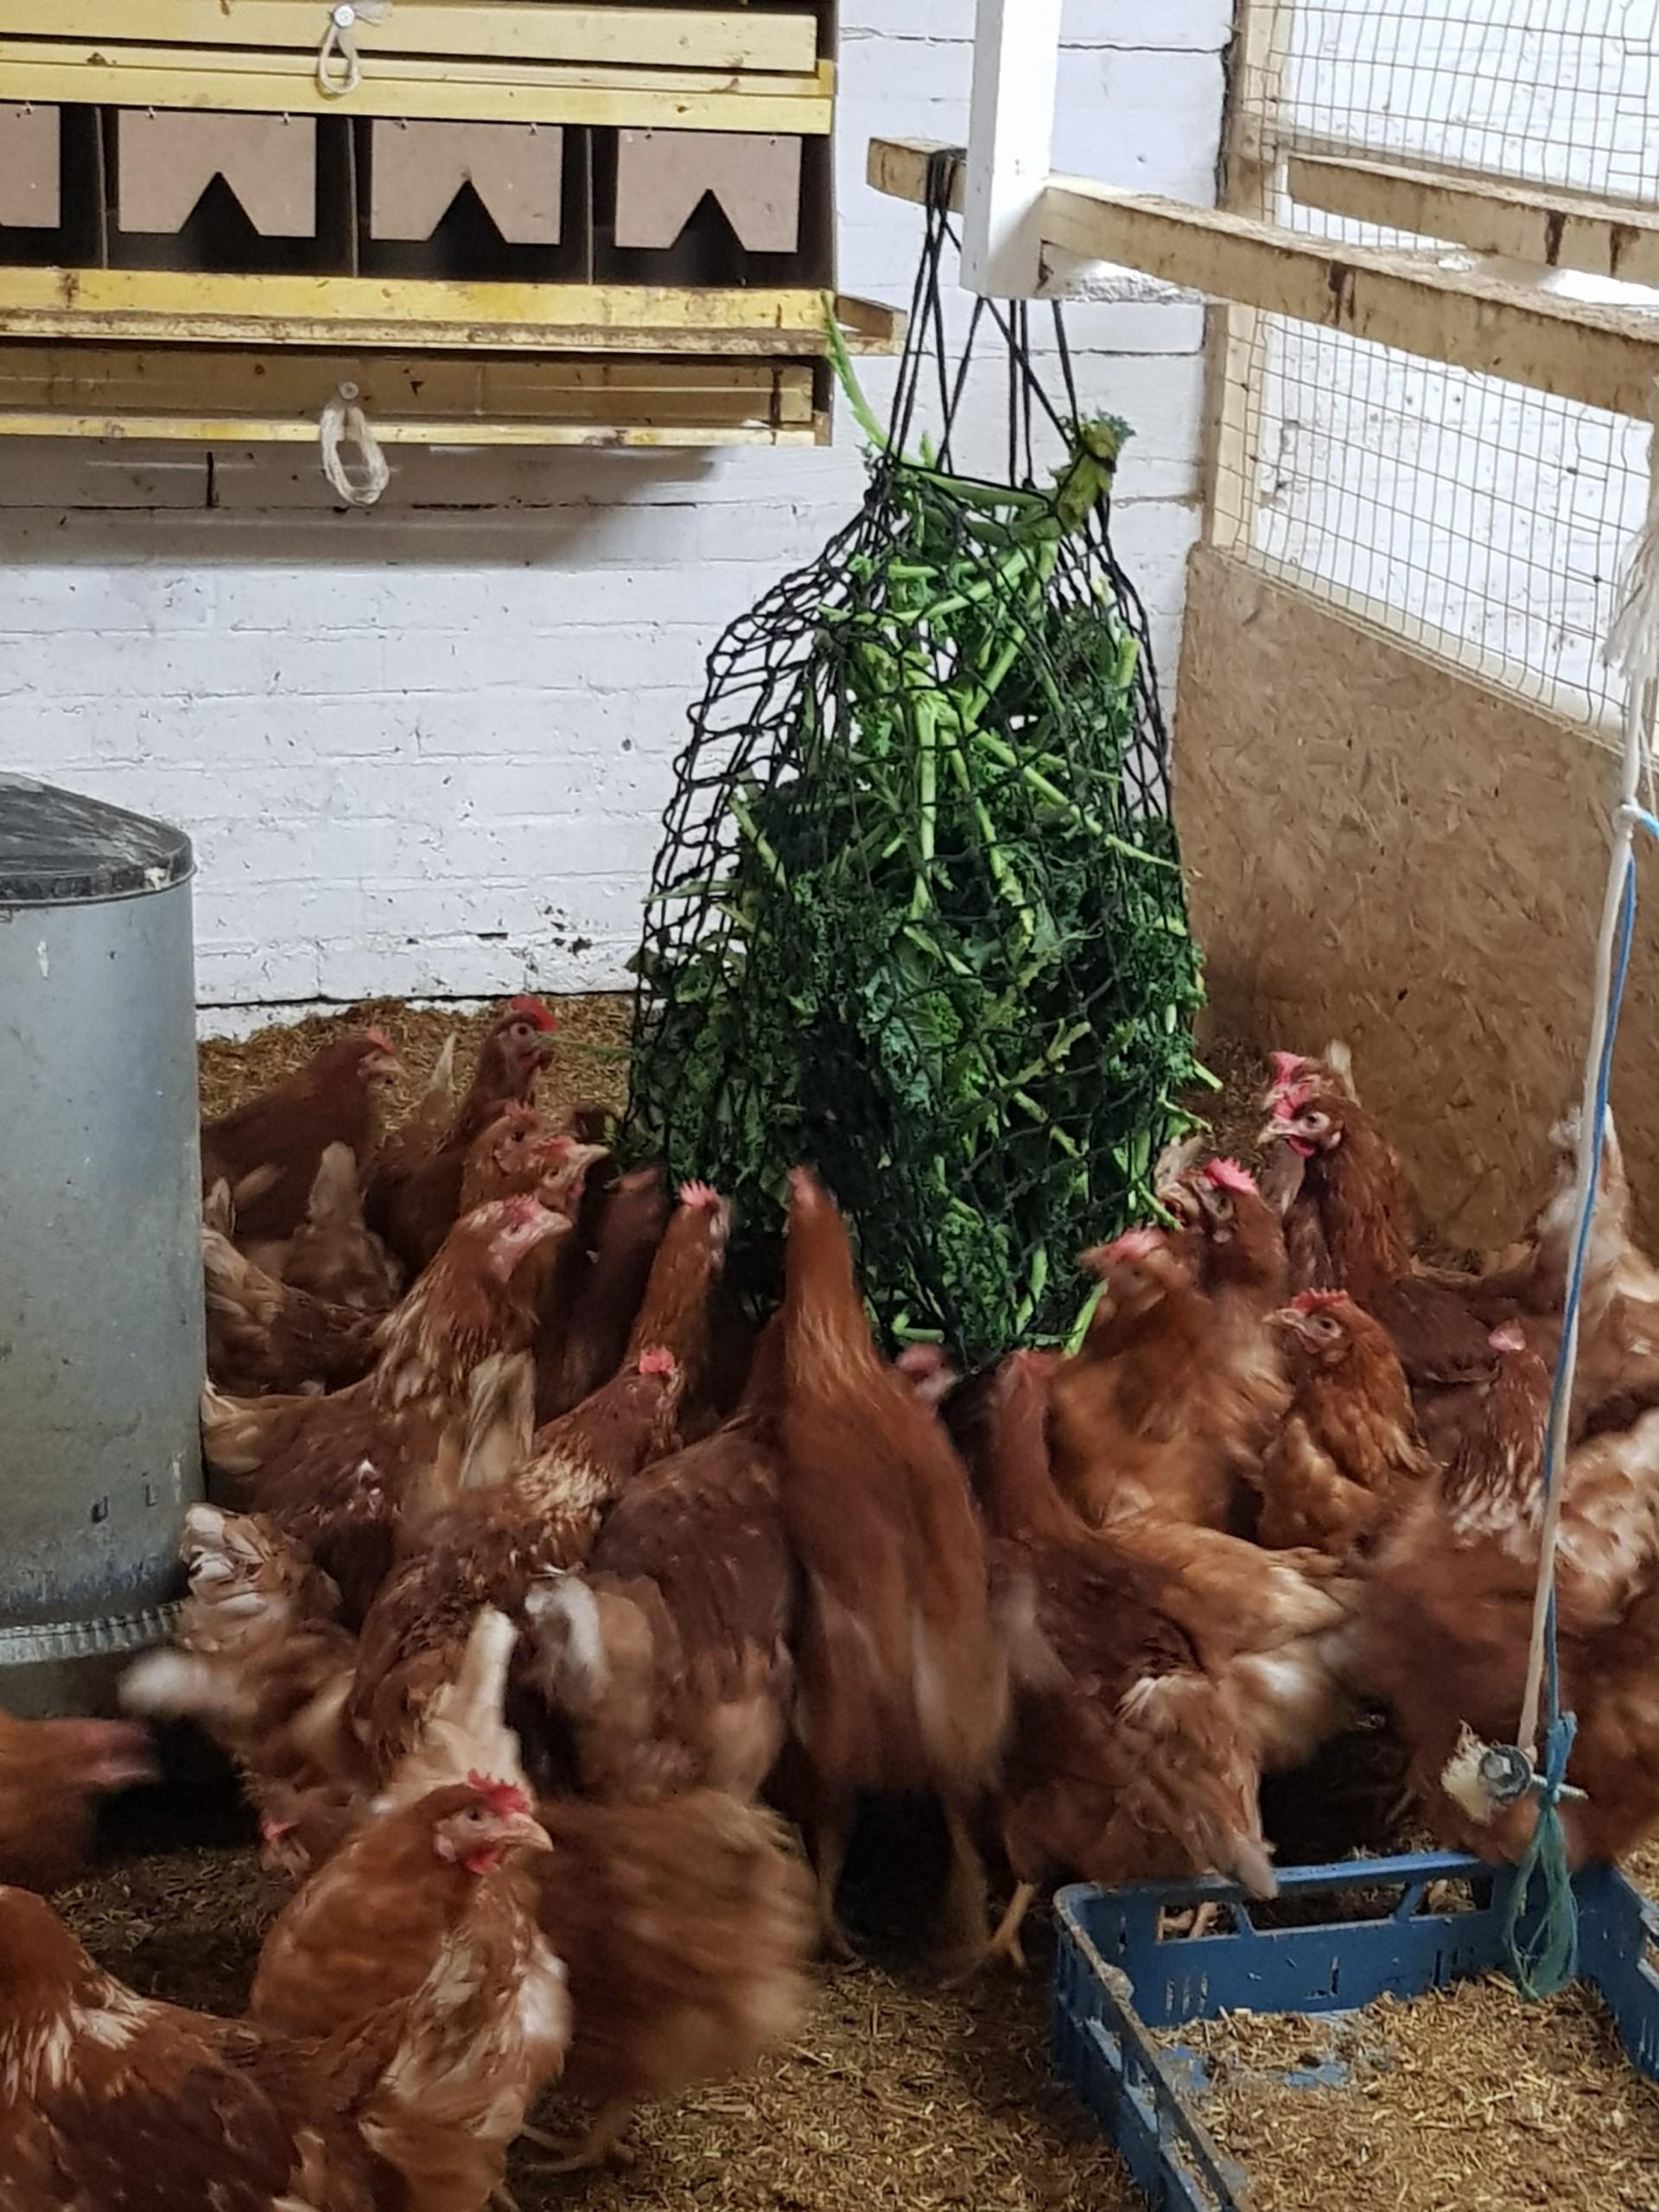 Homanns Hoferzeugnisse: Hühner im Stall